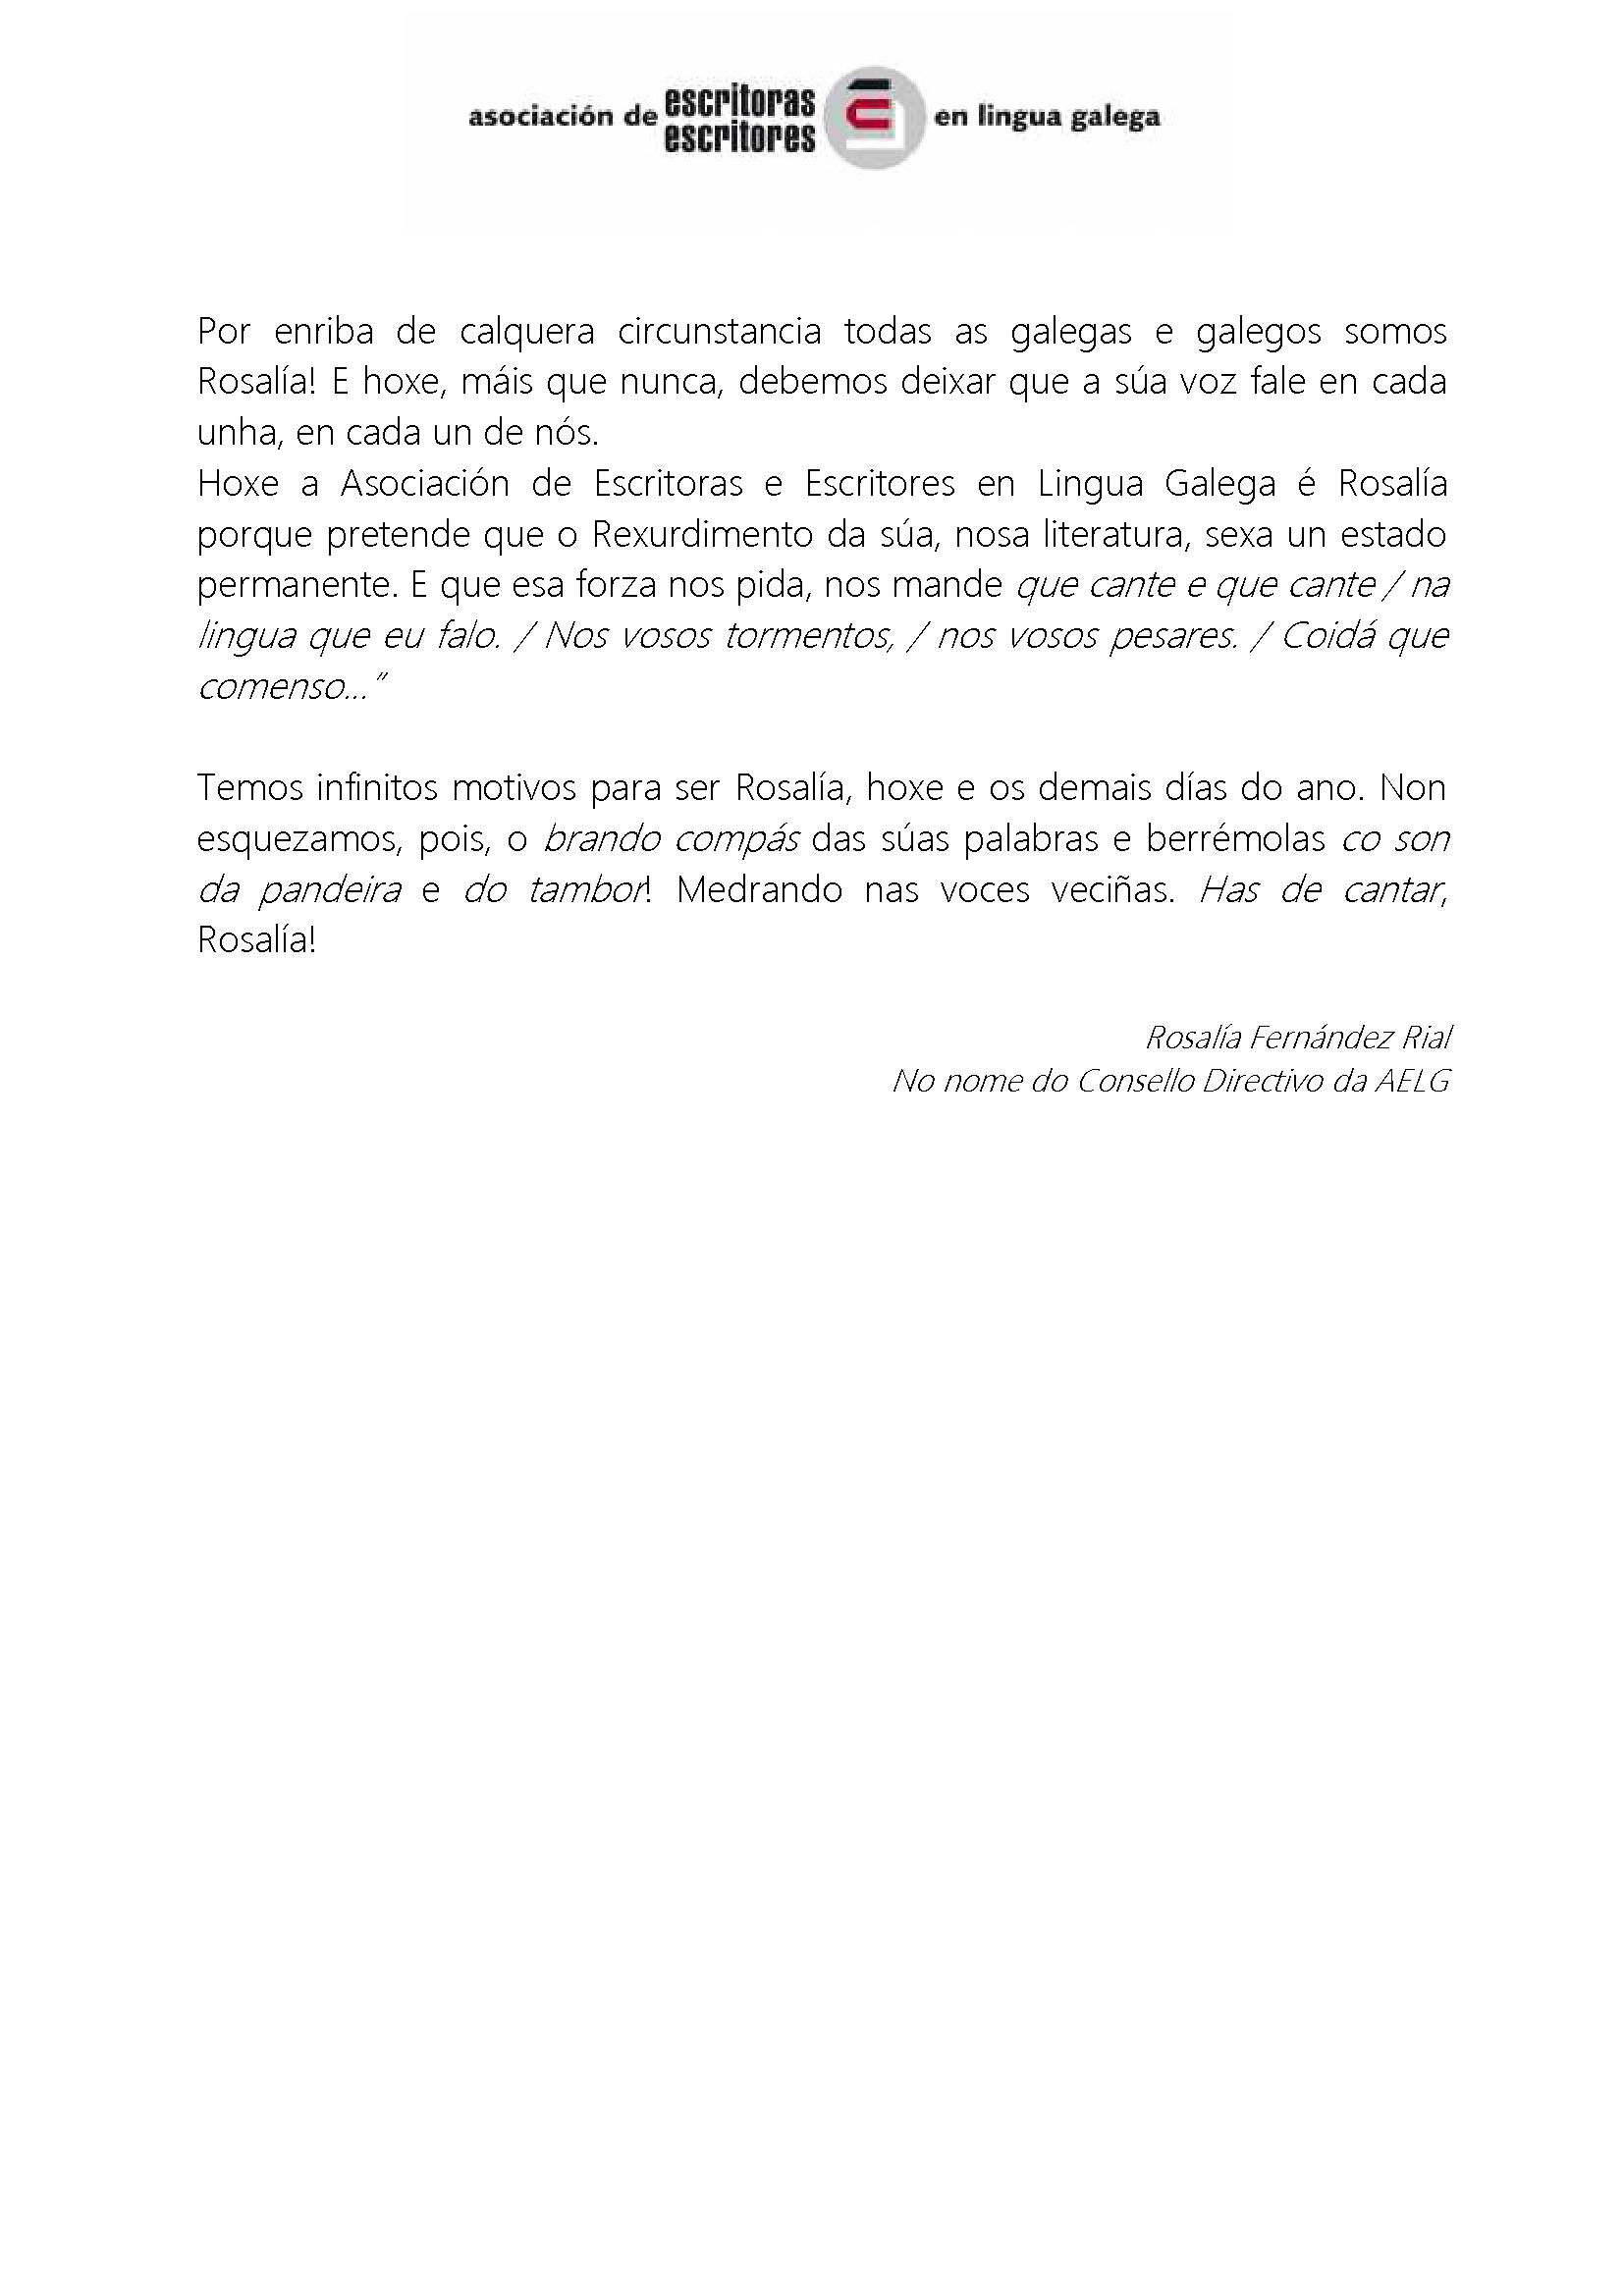 2015 Manifesto Día de Rosalía 2